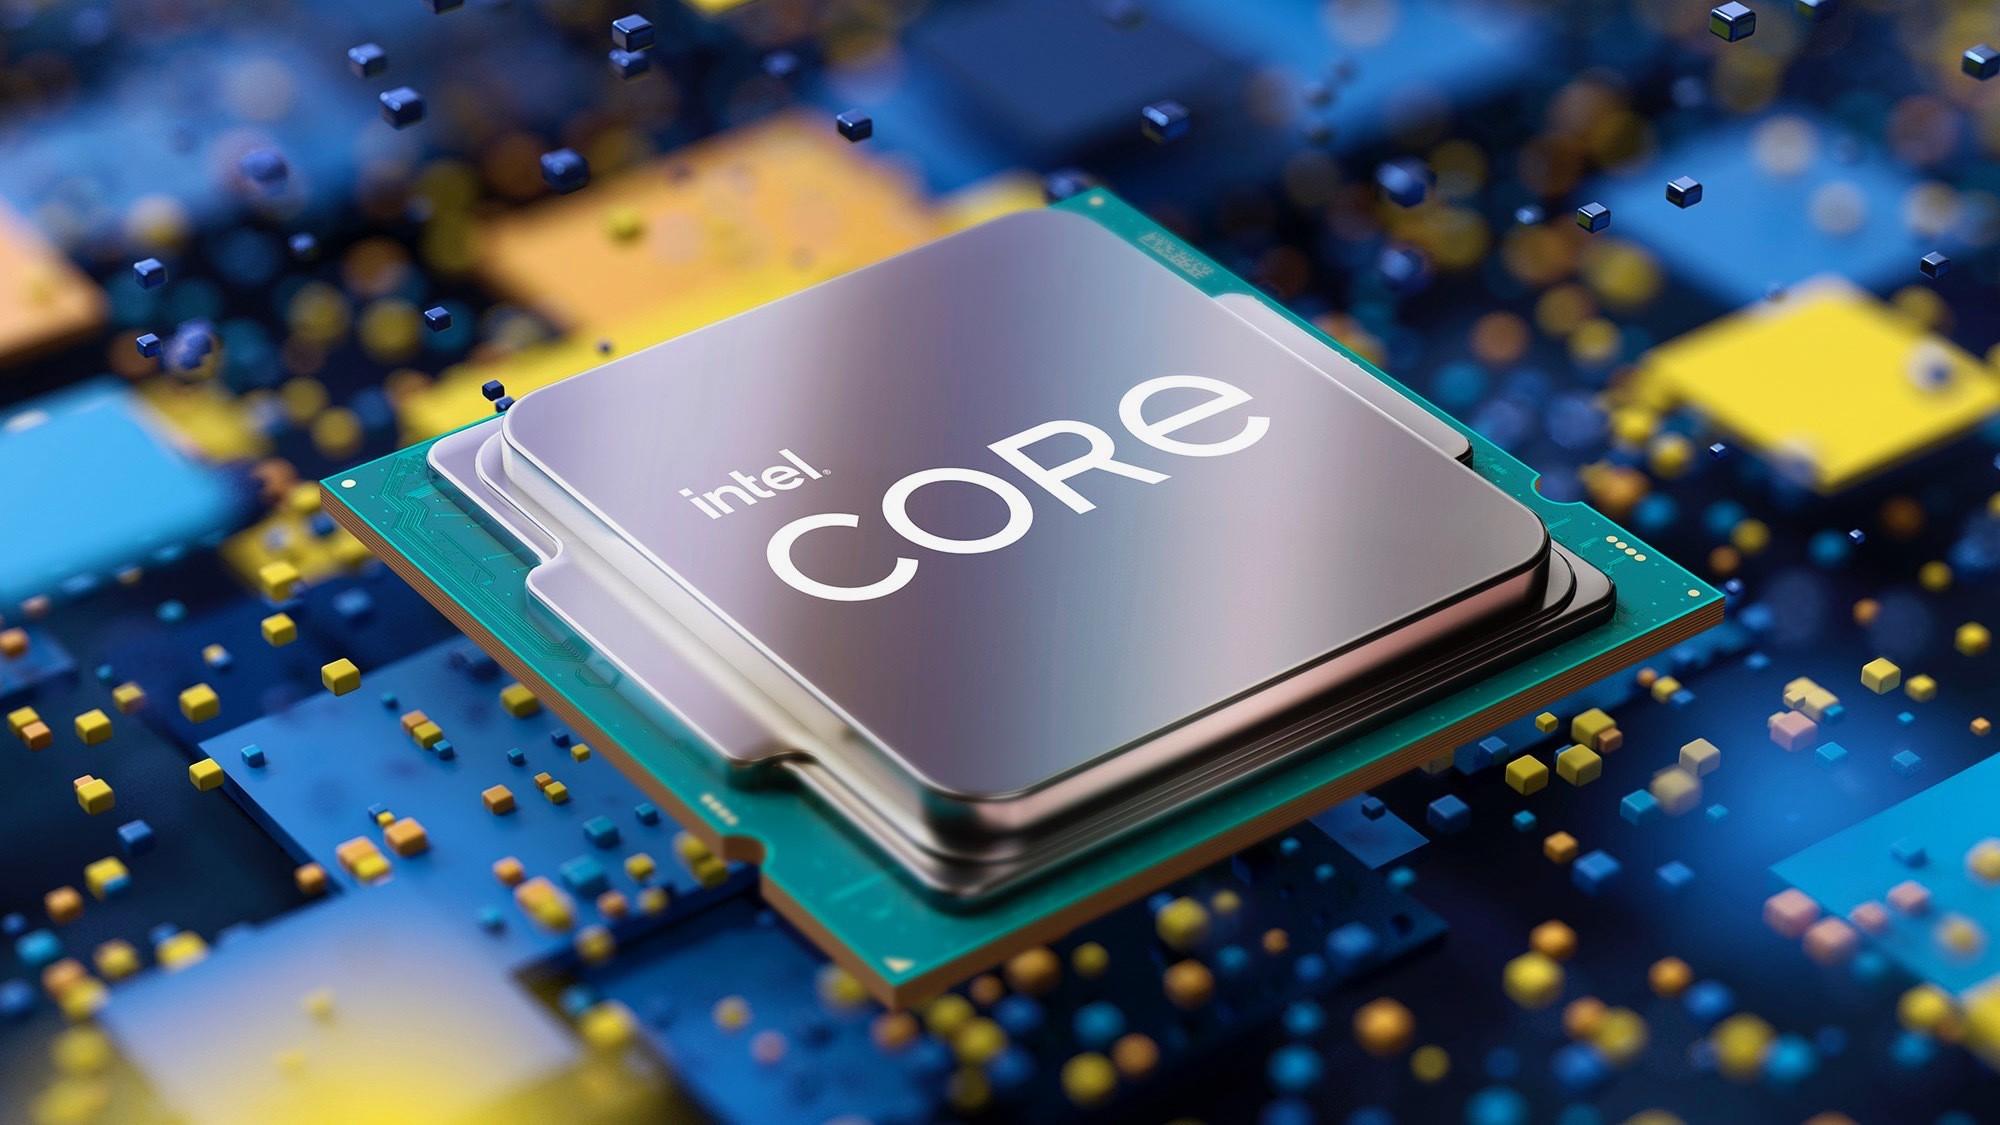 intel core processor 1